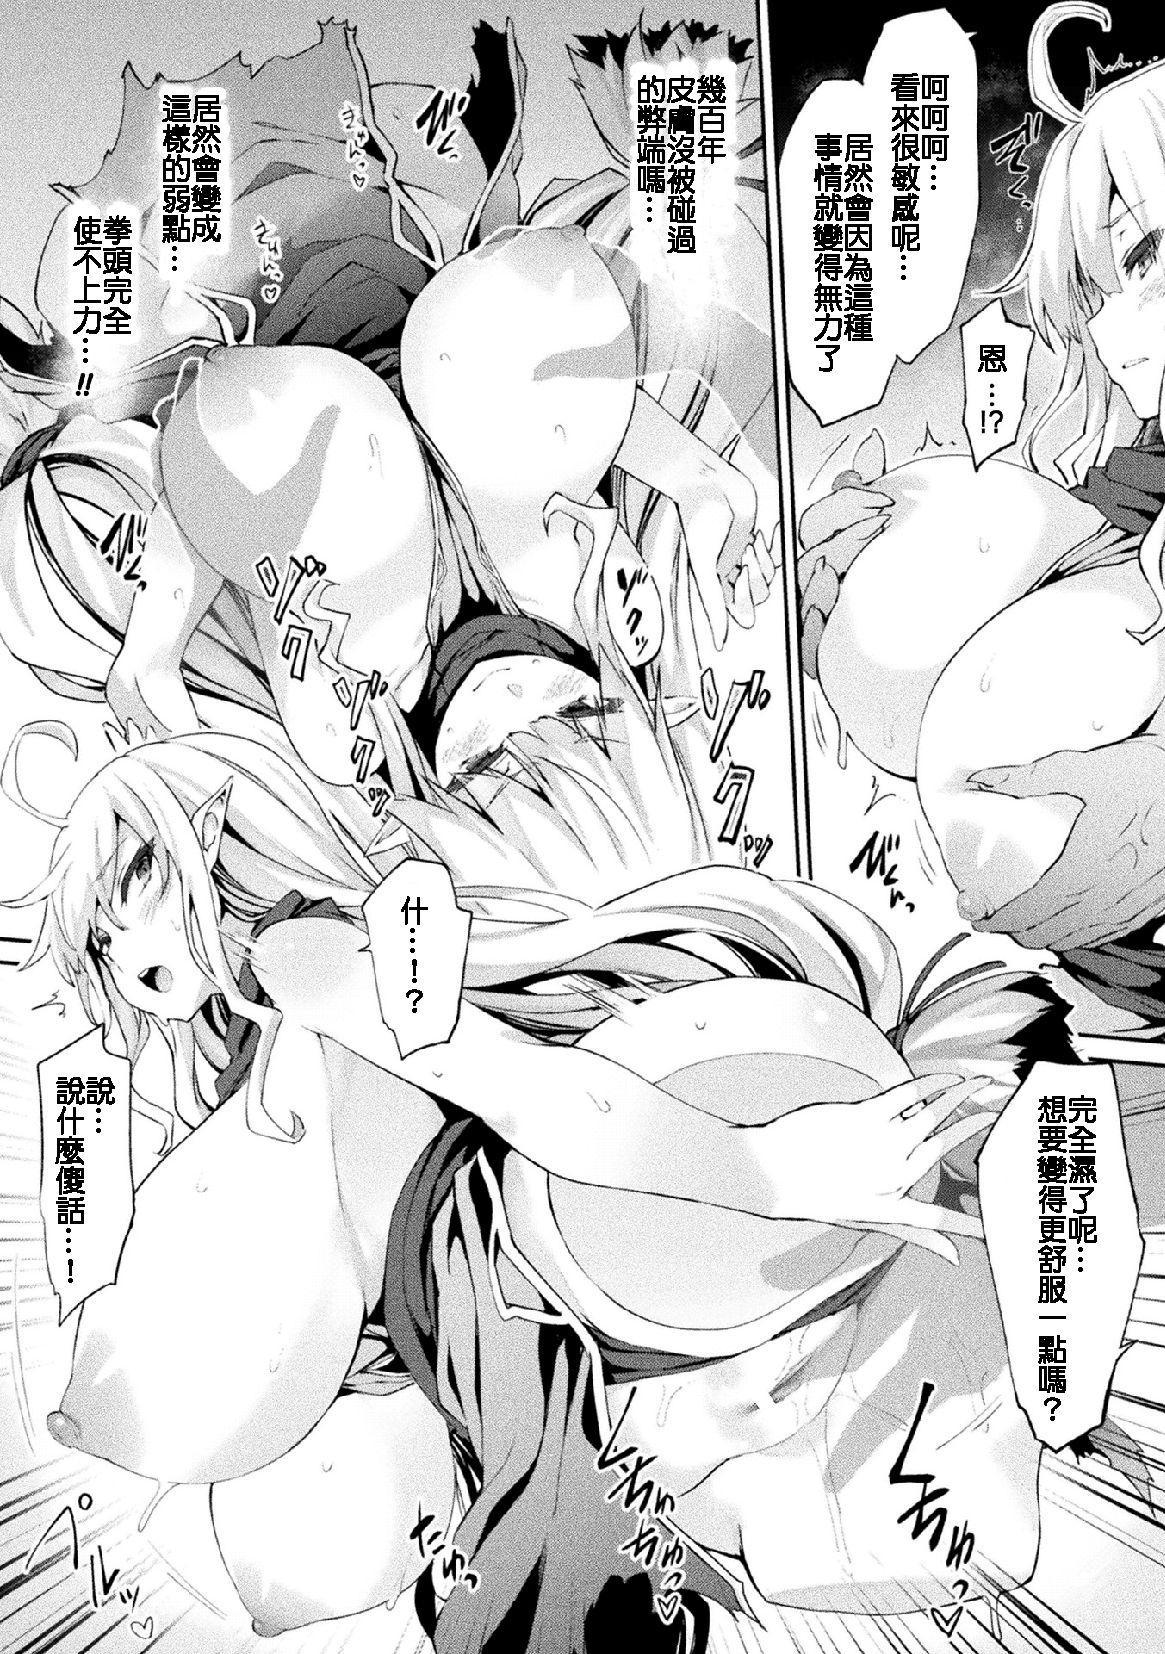 Kensei Gangu 5